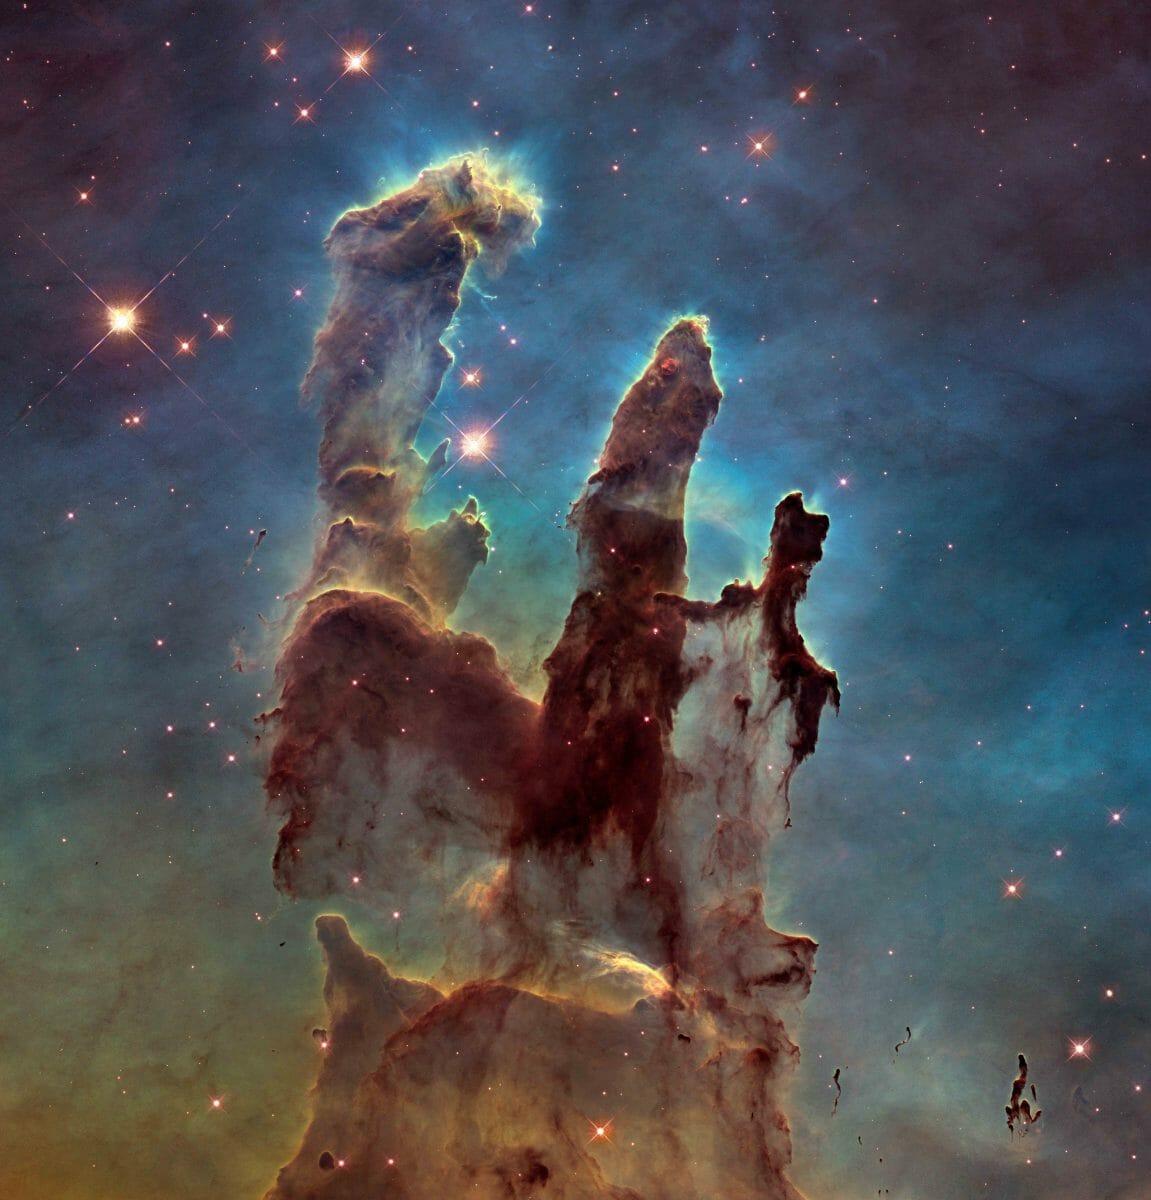 M16(わし星雲)内にある 「創造の柱」